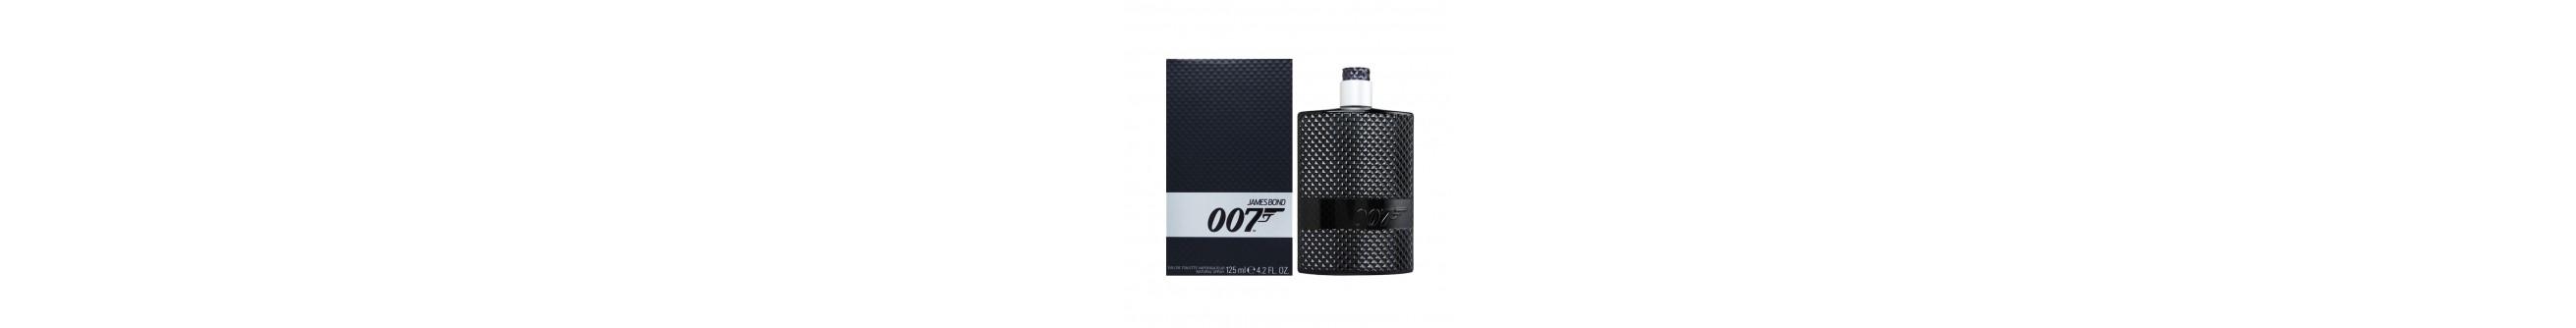 James Bond 007 - James Bond 007 (άρωμα τύπου)